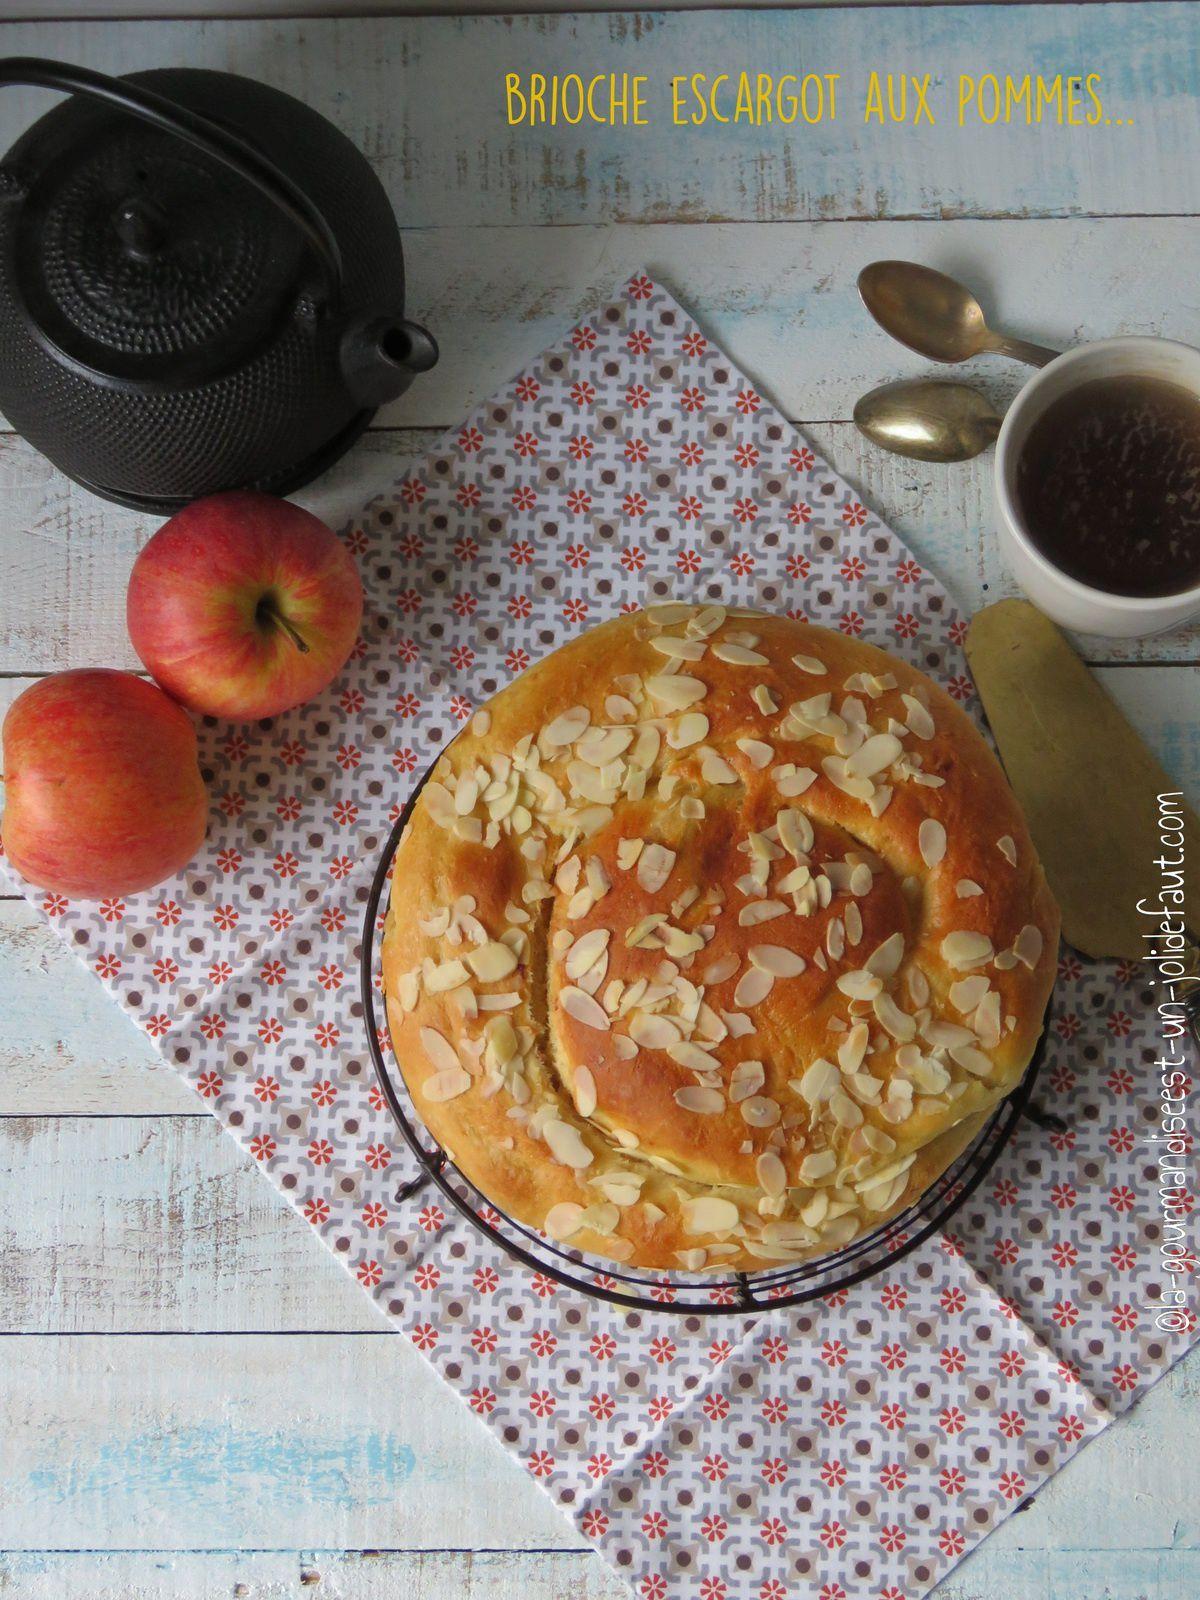 Brioche escargot aux pommes avec de la cannelle, du miel et du chocolat